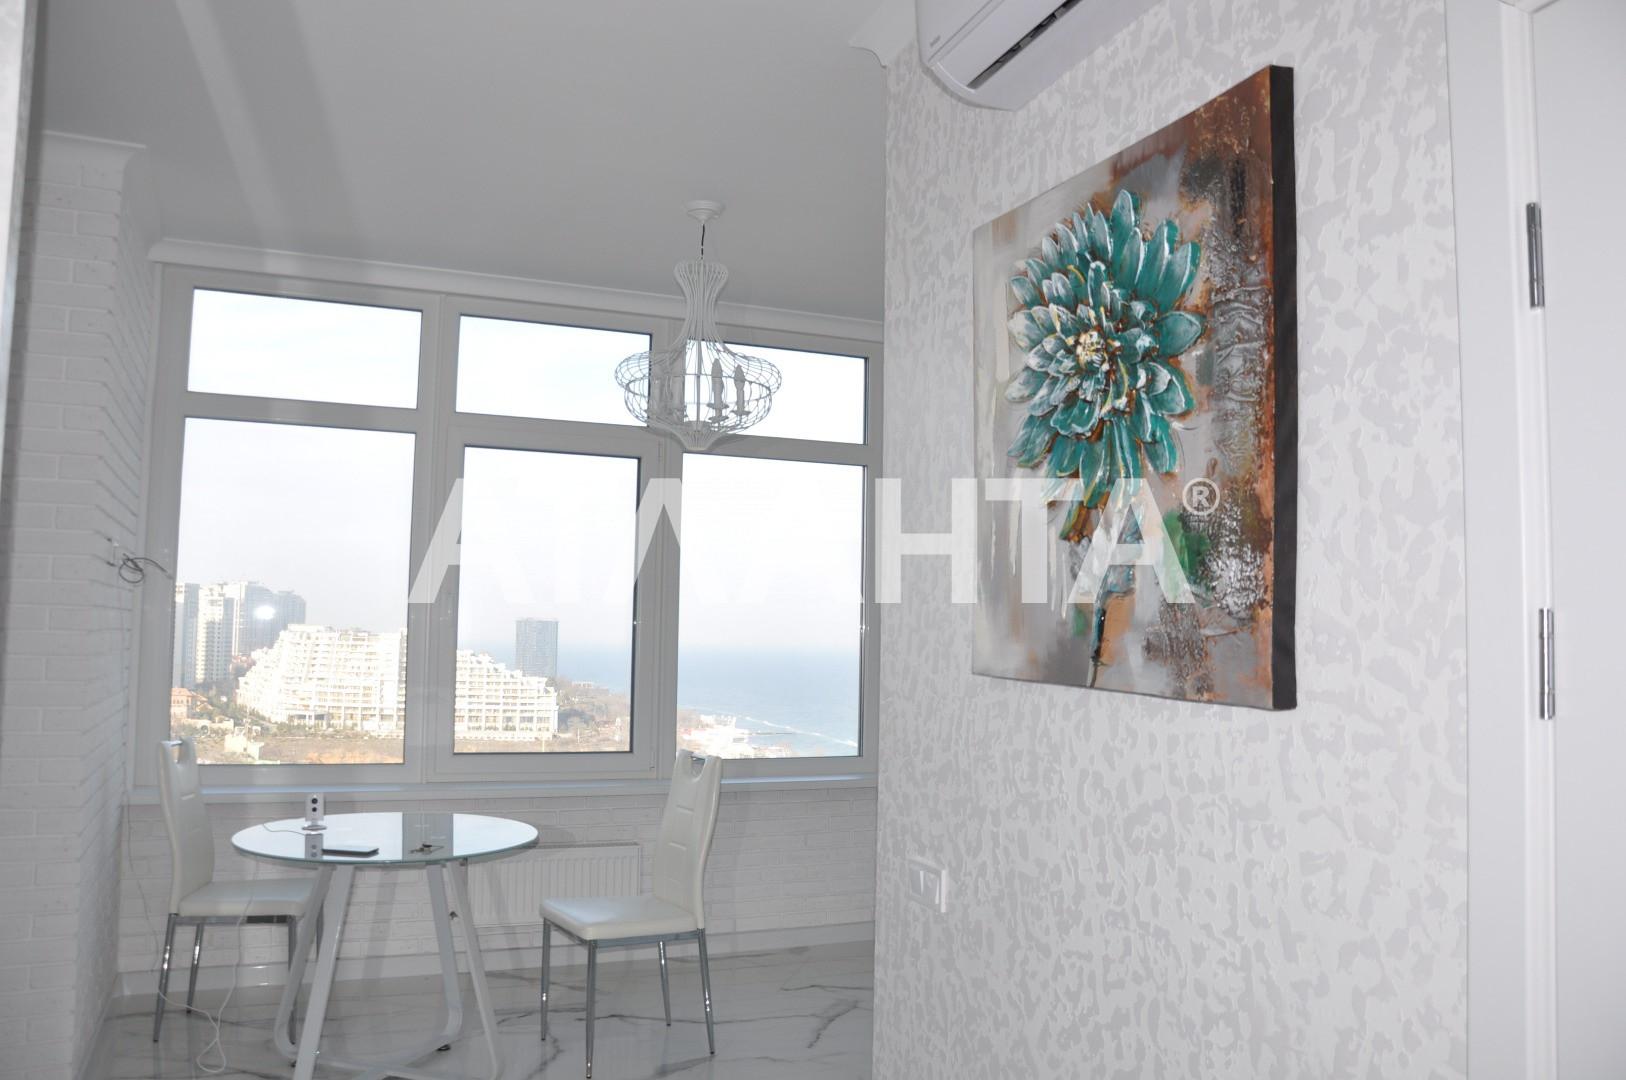 Продается 1-комнатная Квартира на ул. Каманина — 98 000 у.е. (фото №16)